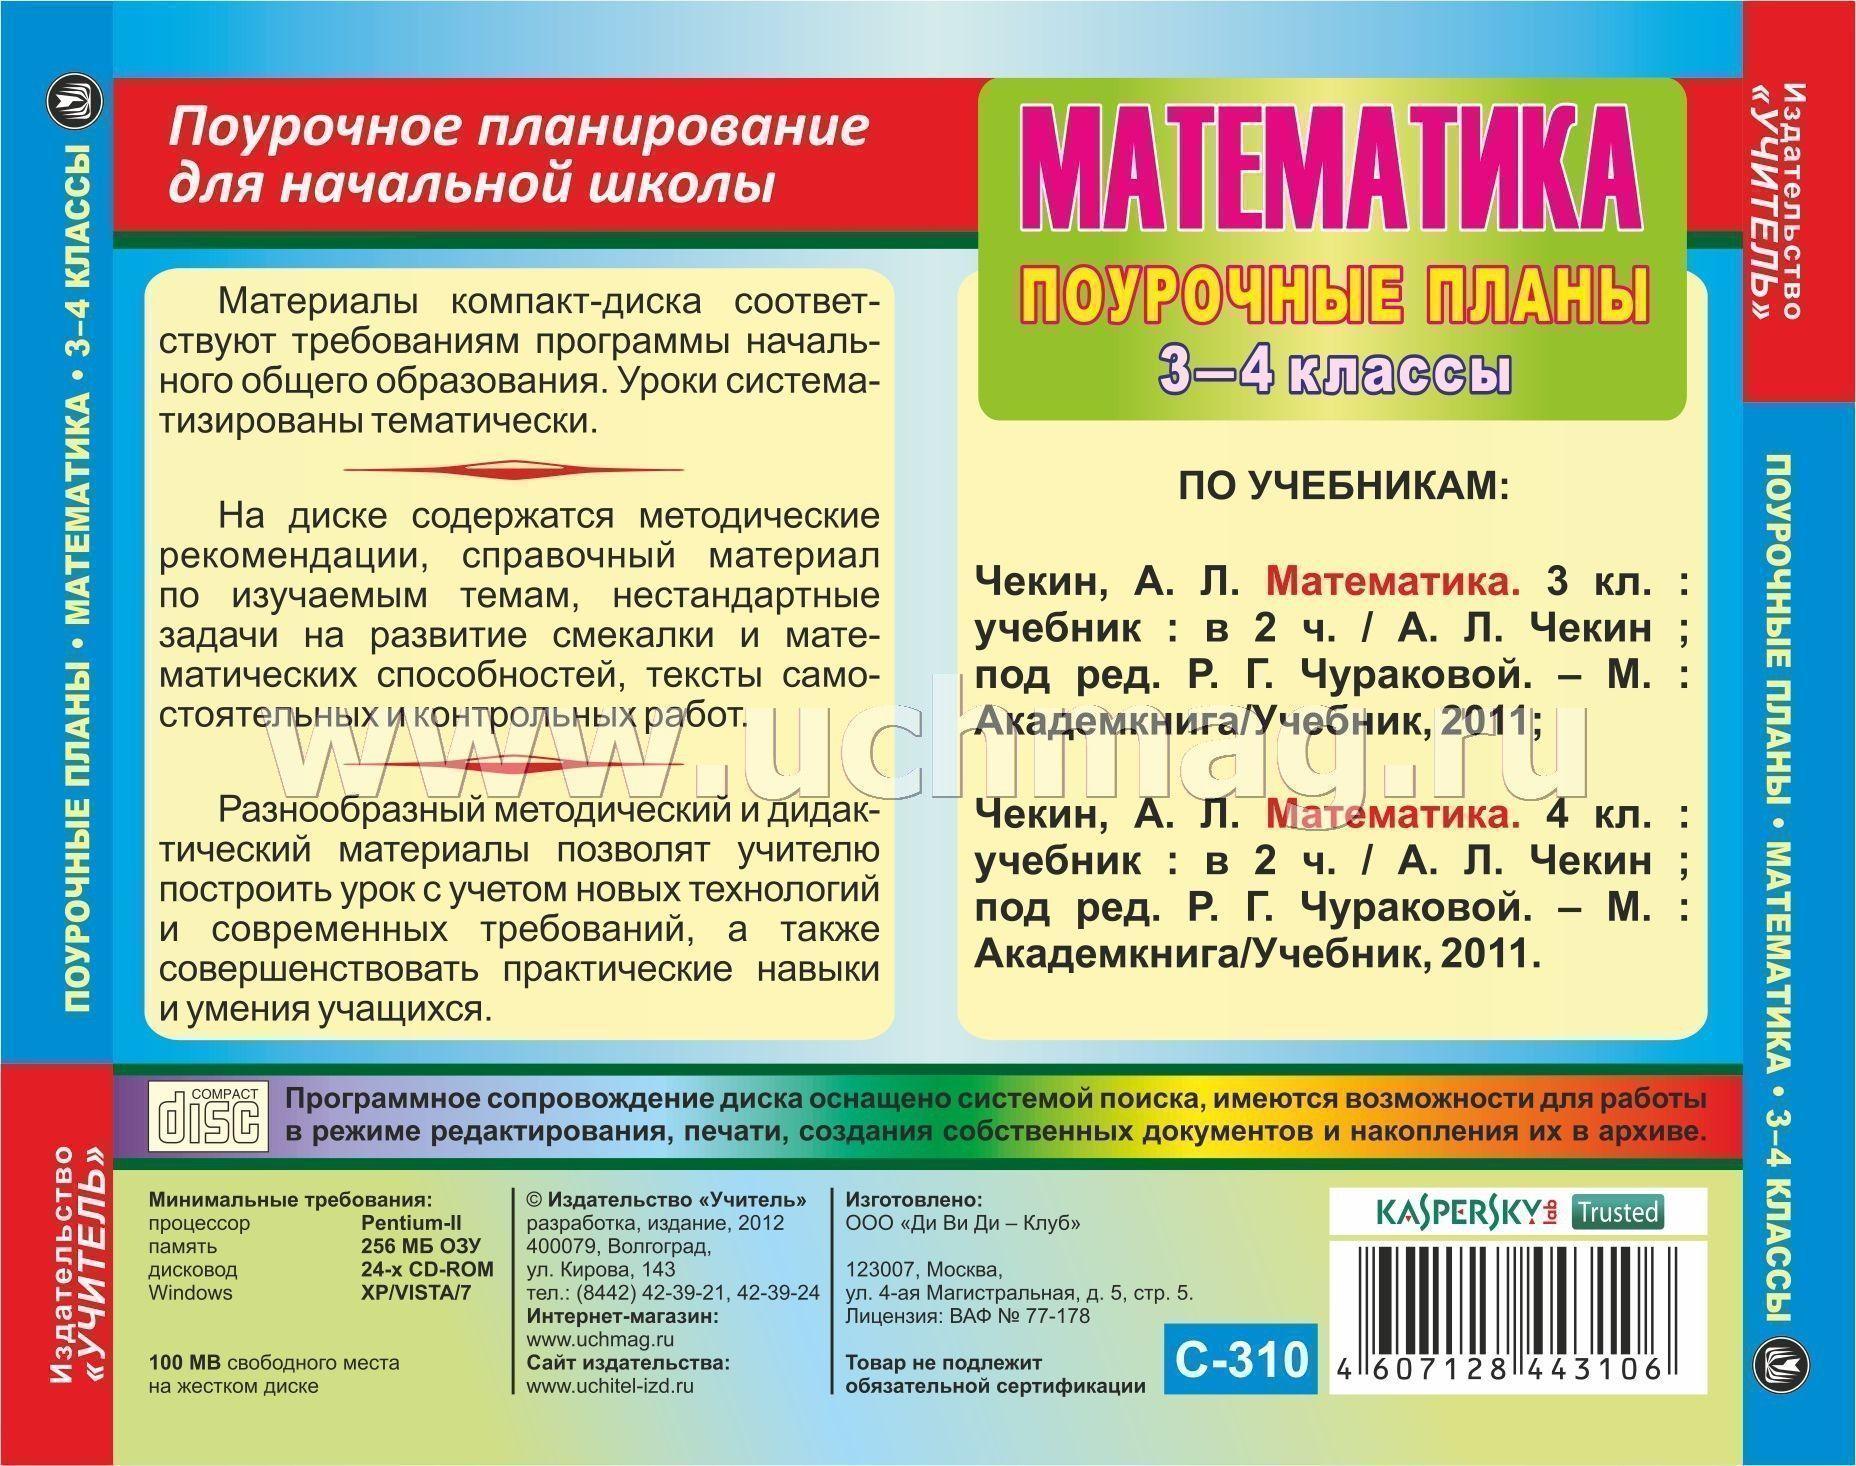 инструкция по эксплуатации телевизора sony kv-21m1k